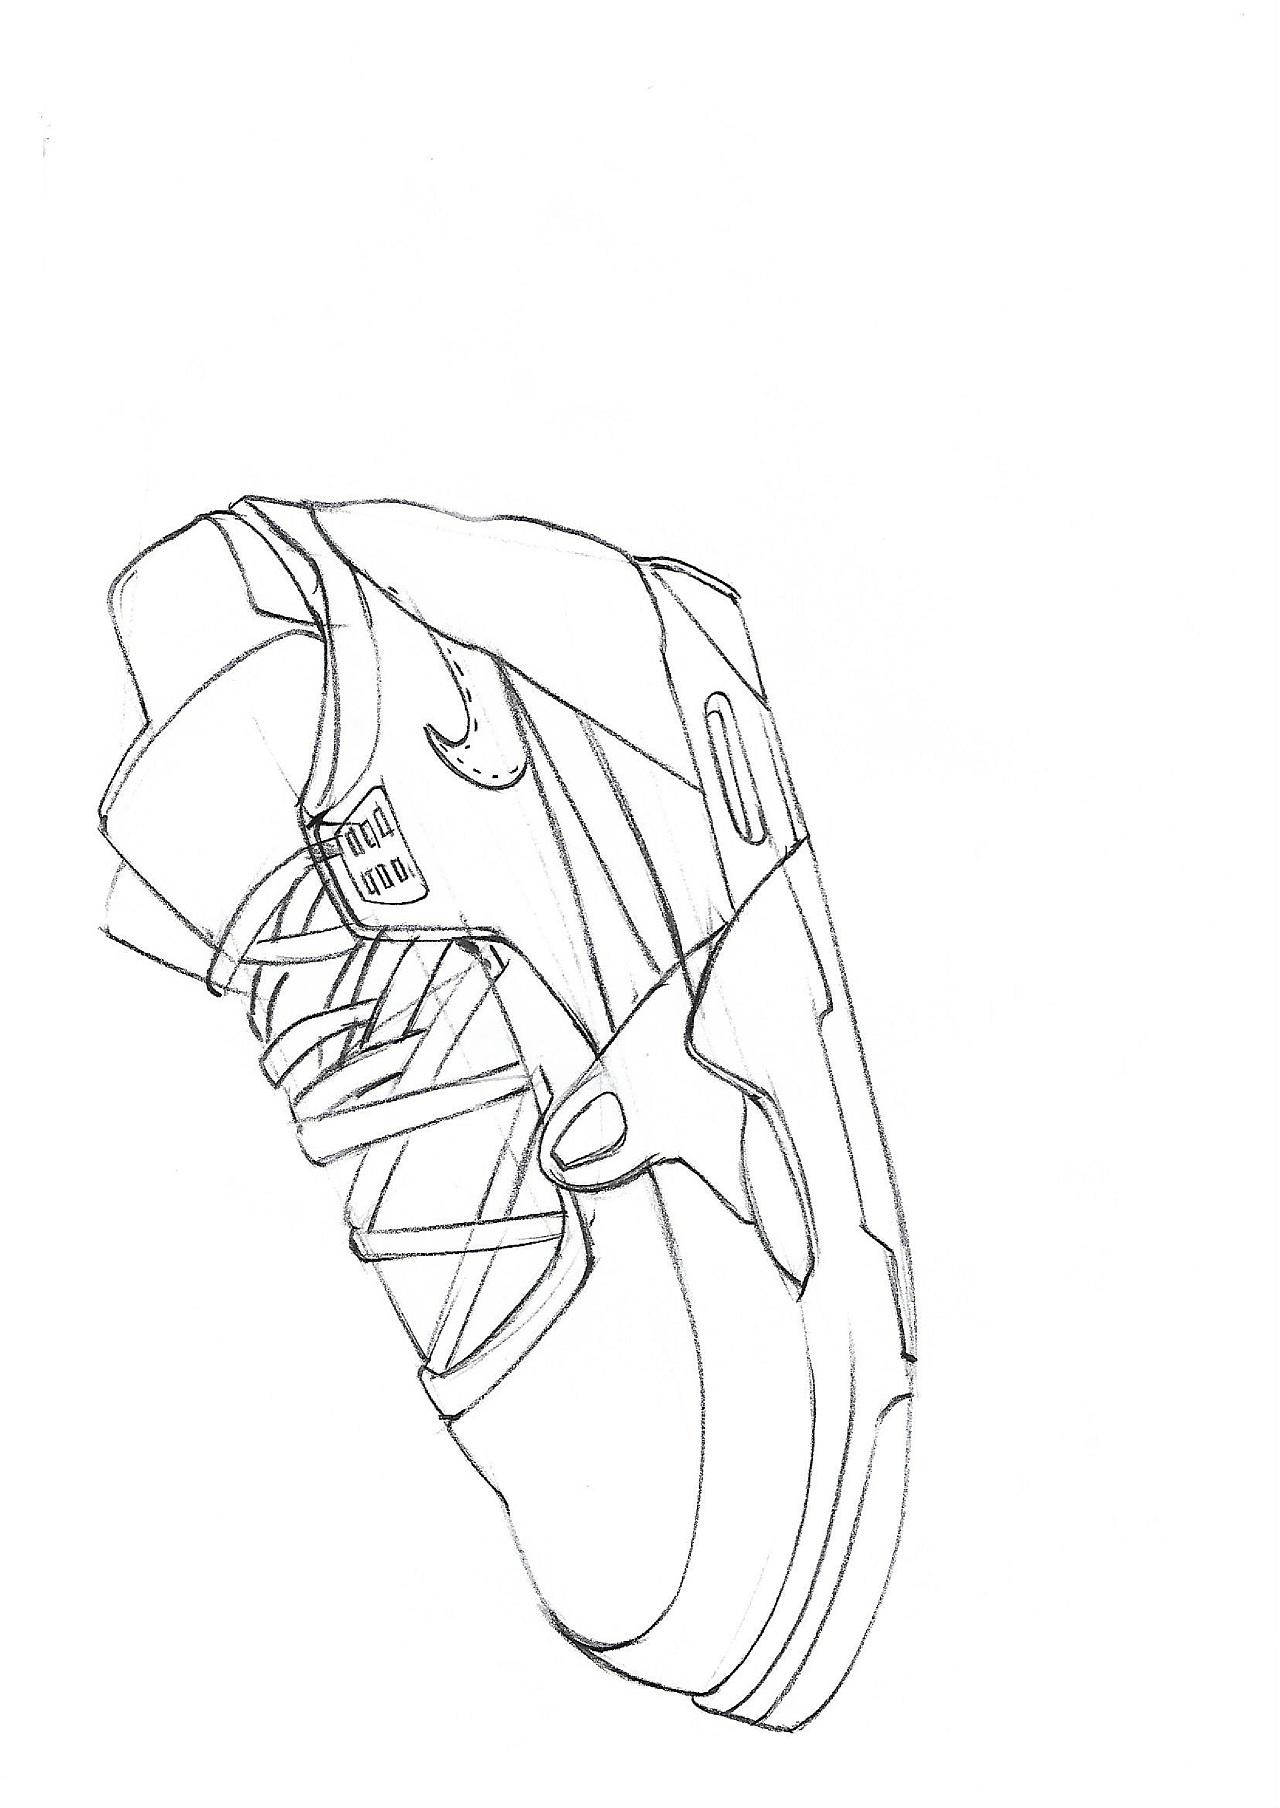 手绘线稿 我是 庐山黑帽学员!|工业/产品|生活用品